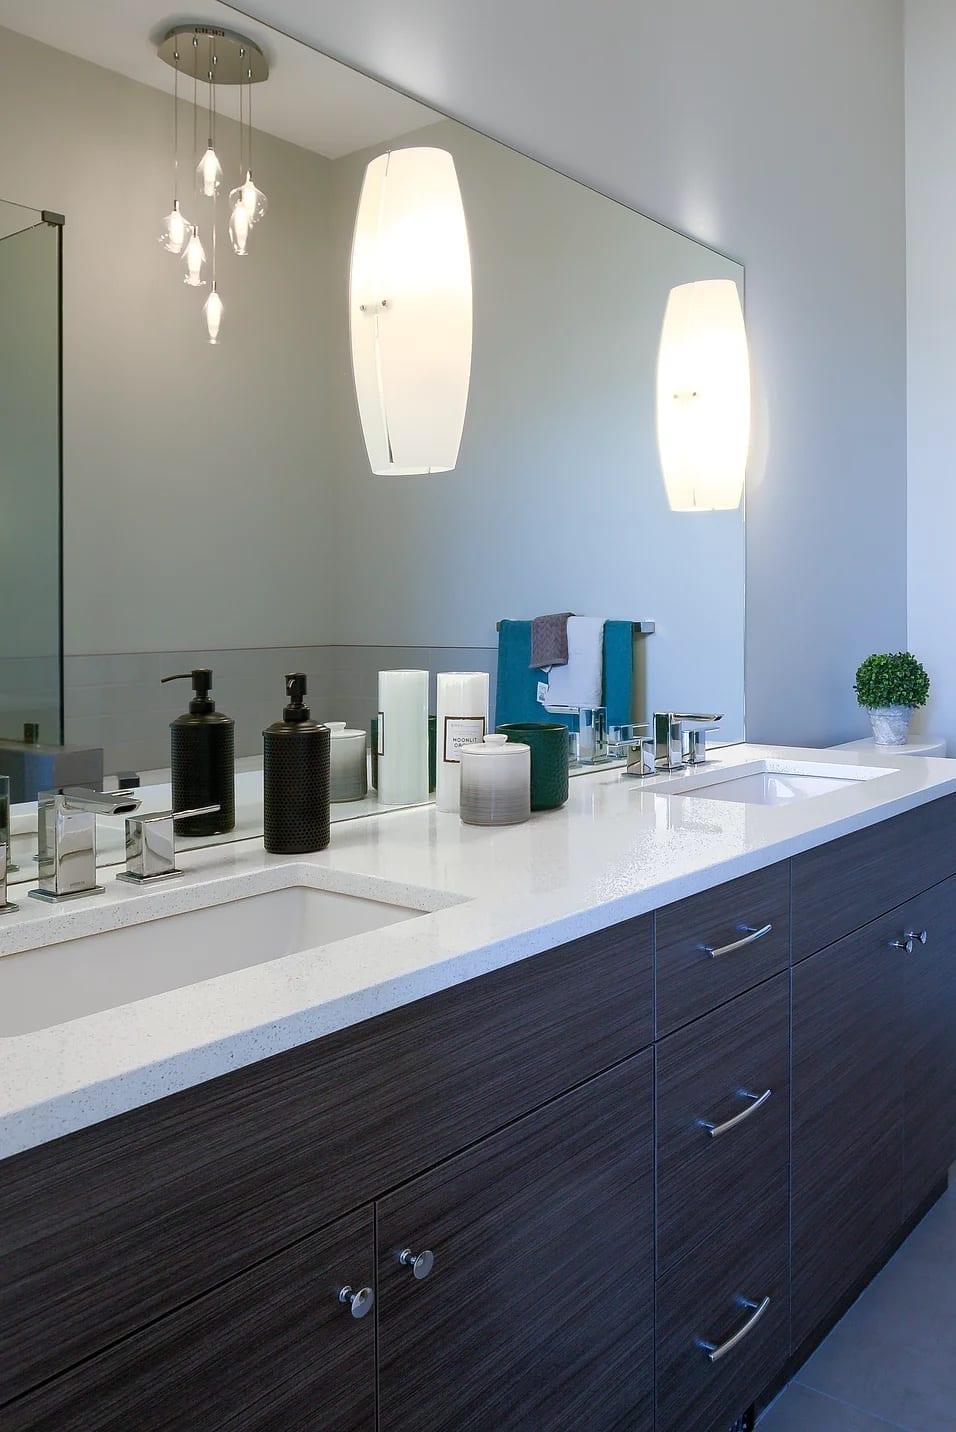 Dunbar Villas contemporary bathroom, built by Impact Builders